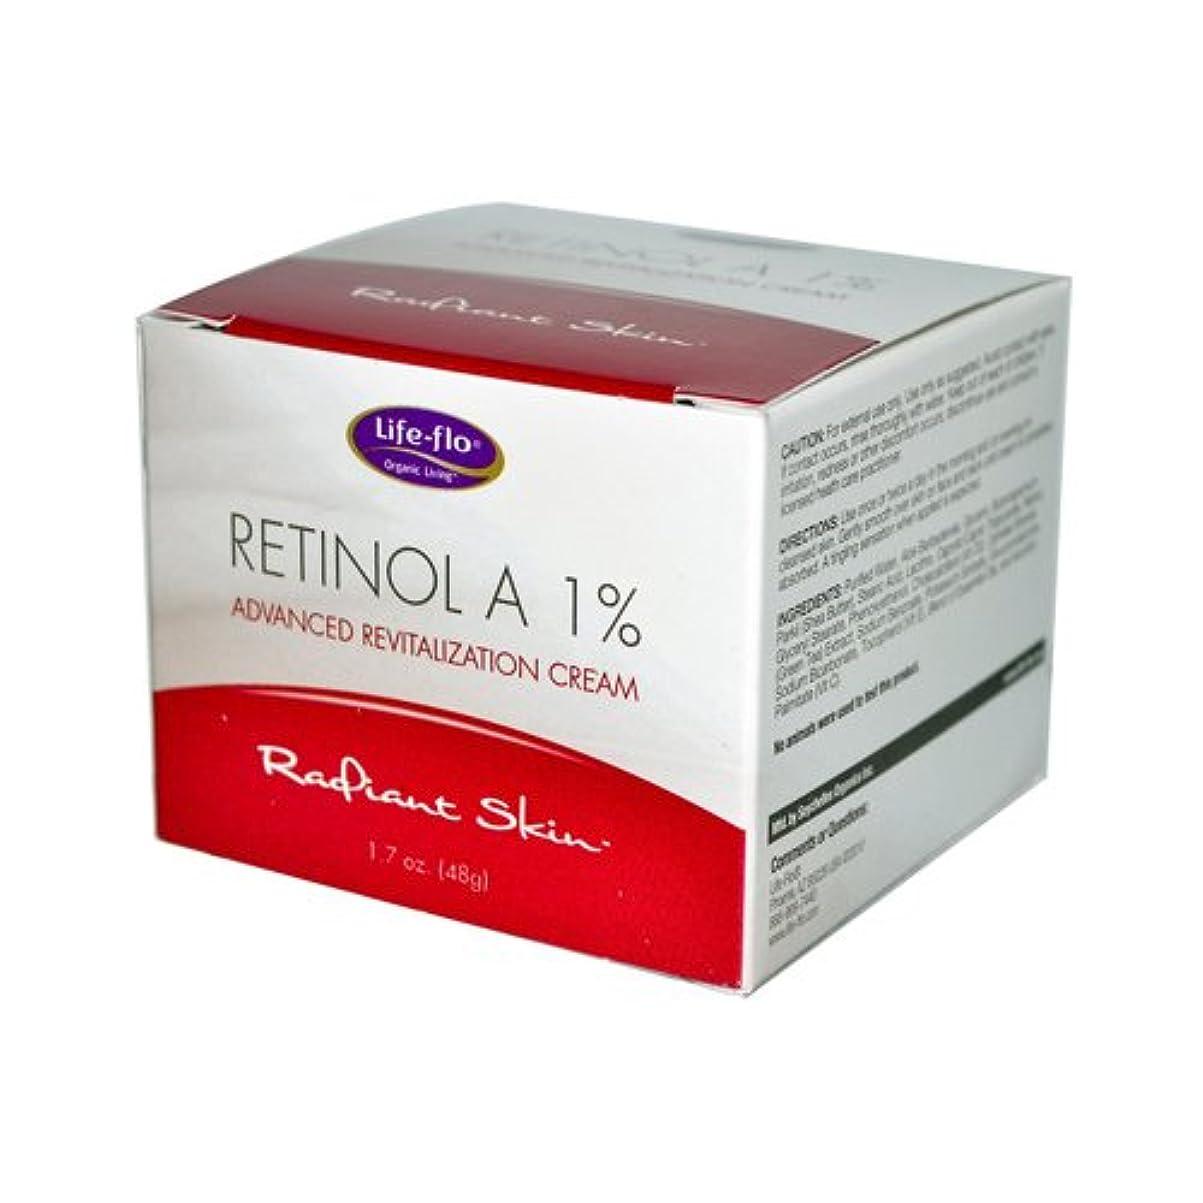 かもめメロディアスほとんどない海外直送品 Life-Flo Retinol A 1% Advanced Revitalization Cream, 1.7 oz